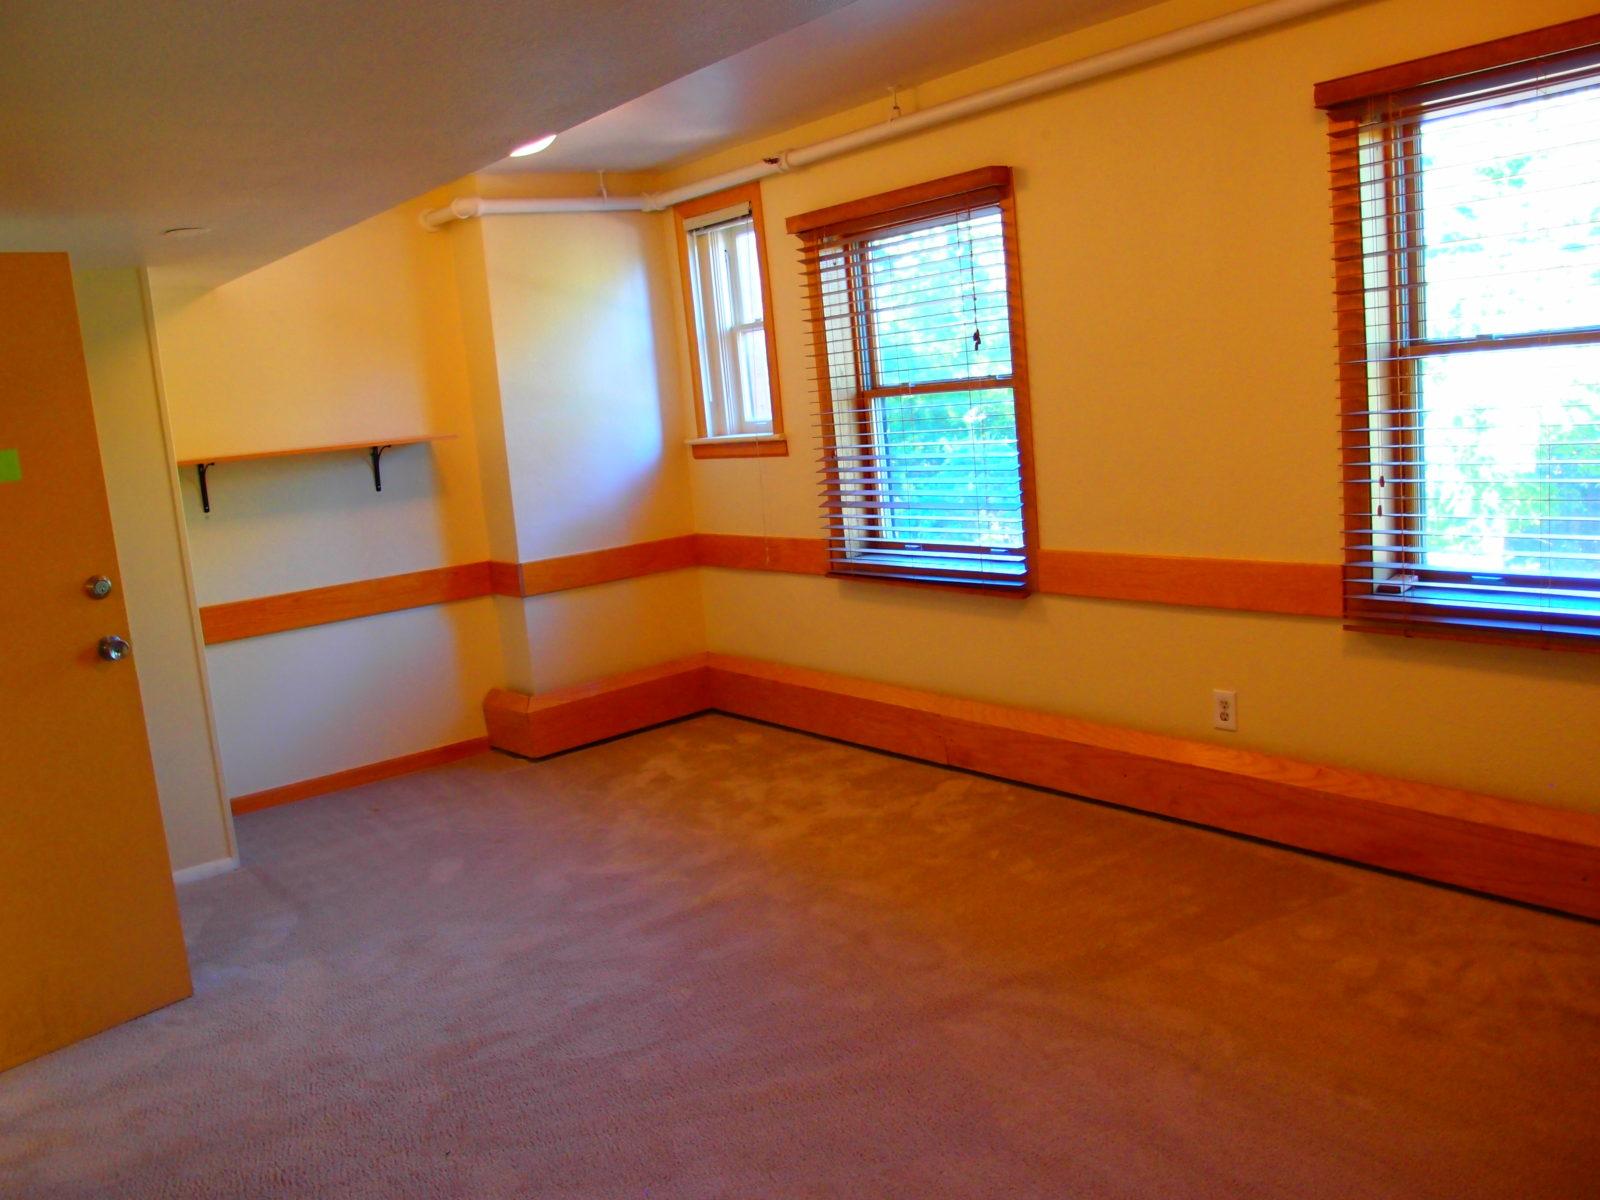 909 room 2